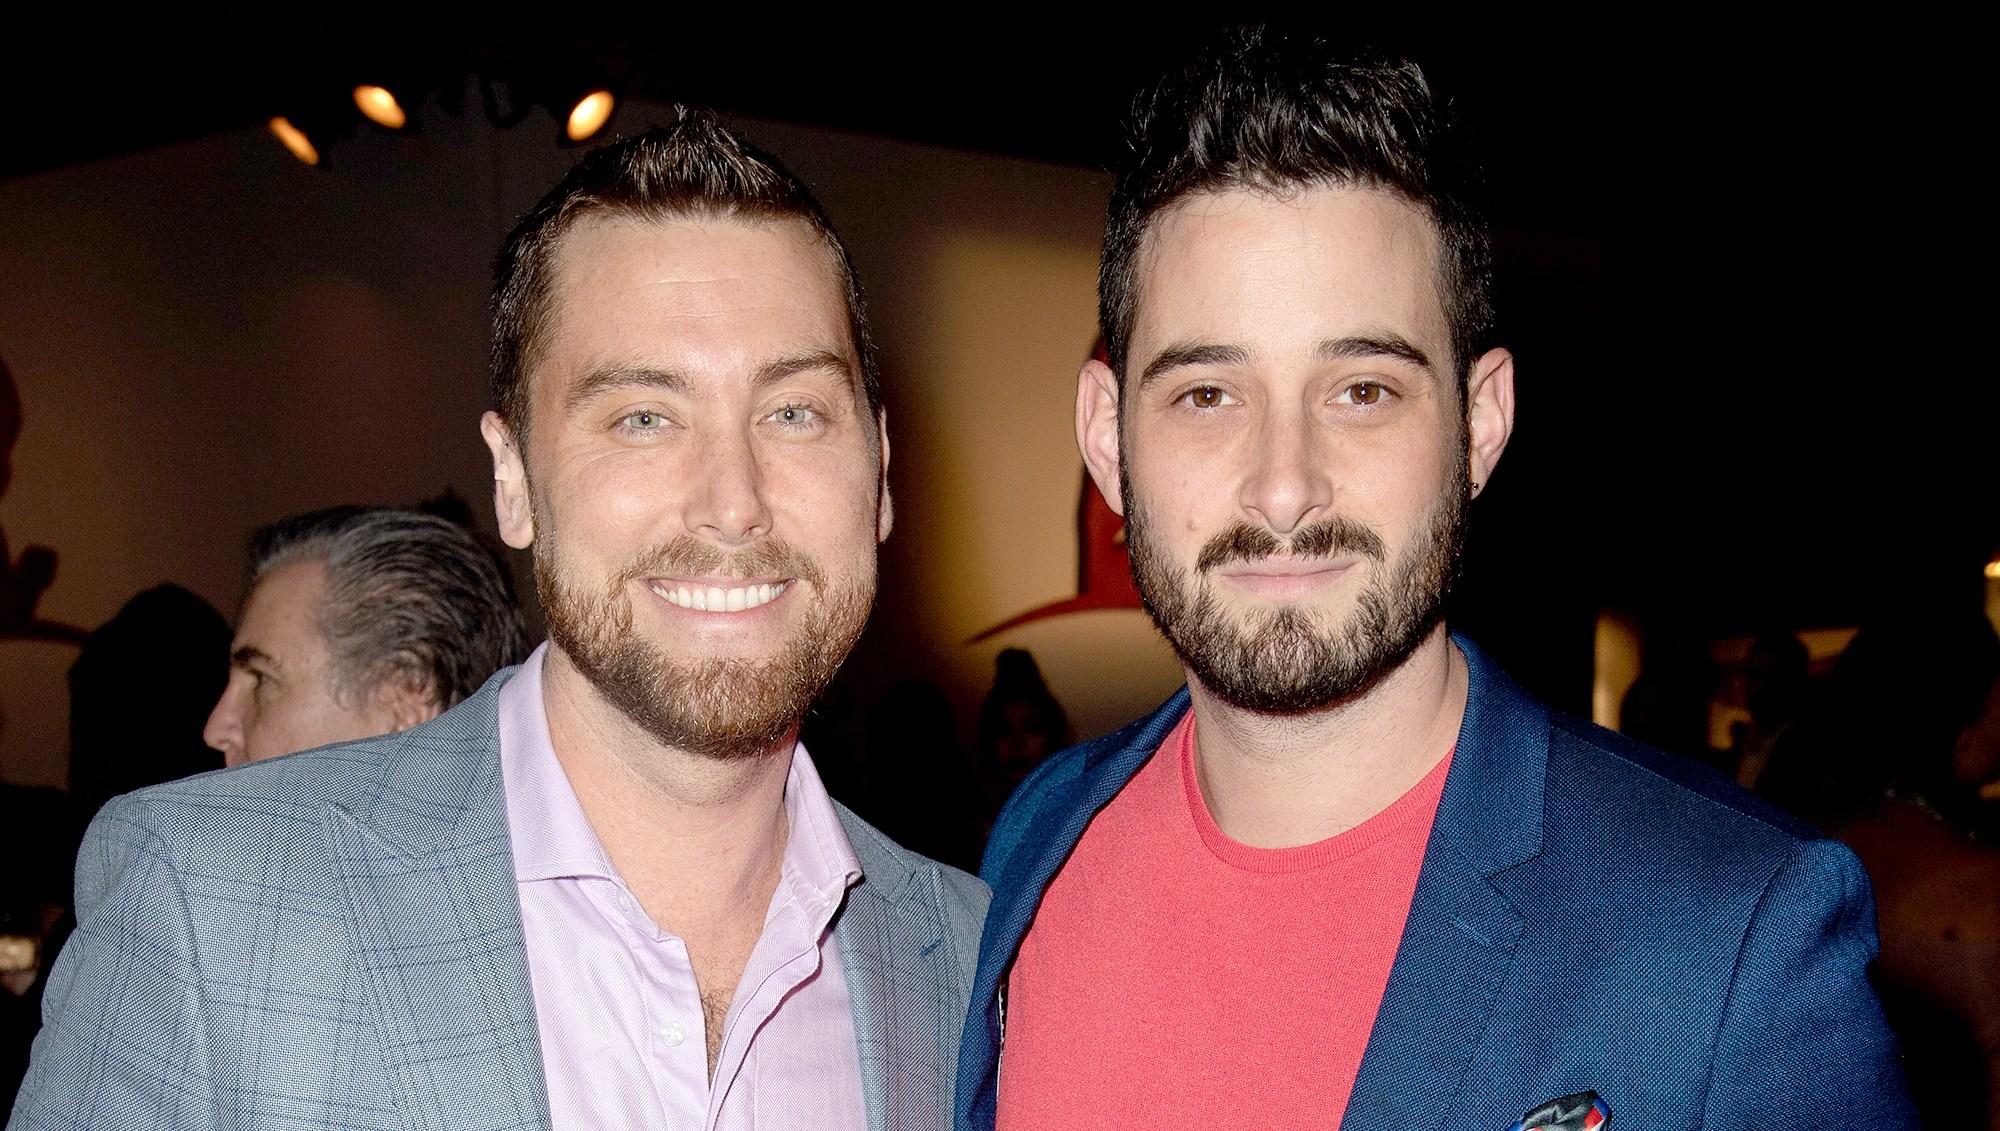 Lance-Bass-and-Michael-Turchin-surrogate